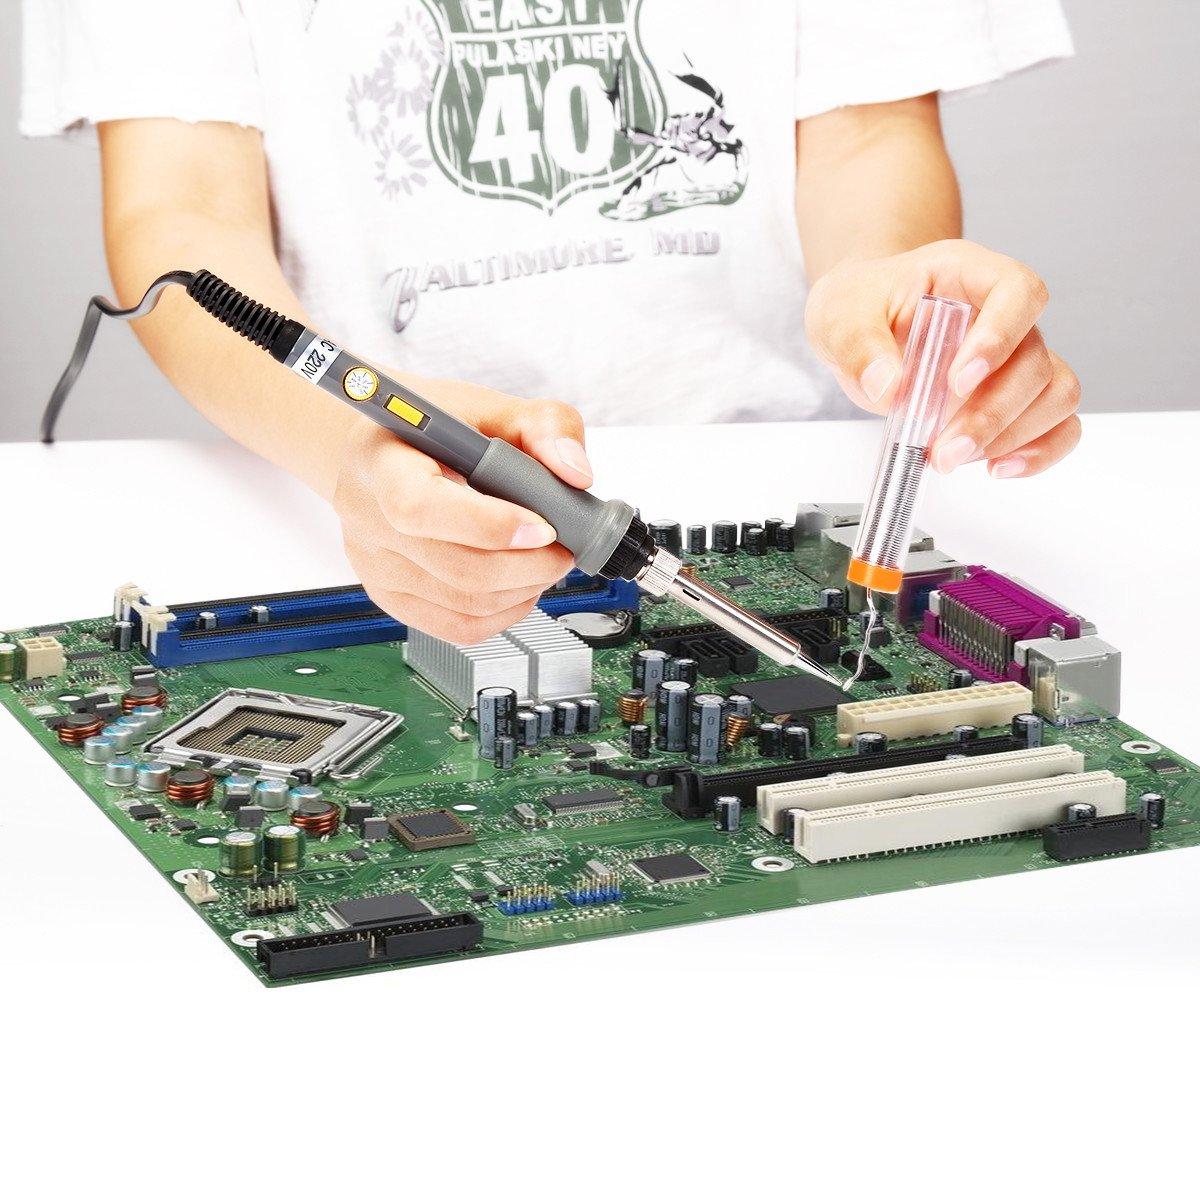 Powerextra 18PCS Fer à Souder Souder Kits Électrique 60W 220V Température Réglable Outil de Soudage 6pcs, Ventouse, Support de Fer à Souder, Fil de Soudure, Pincette Support et Boîte à Outils